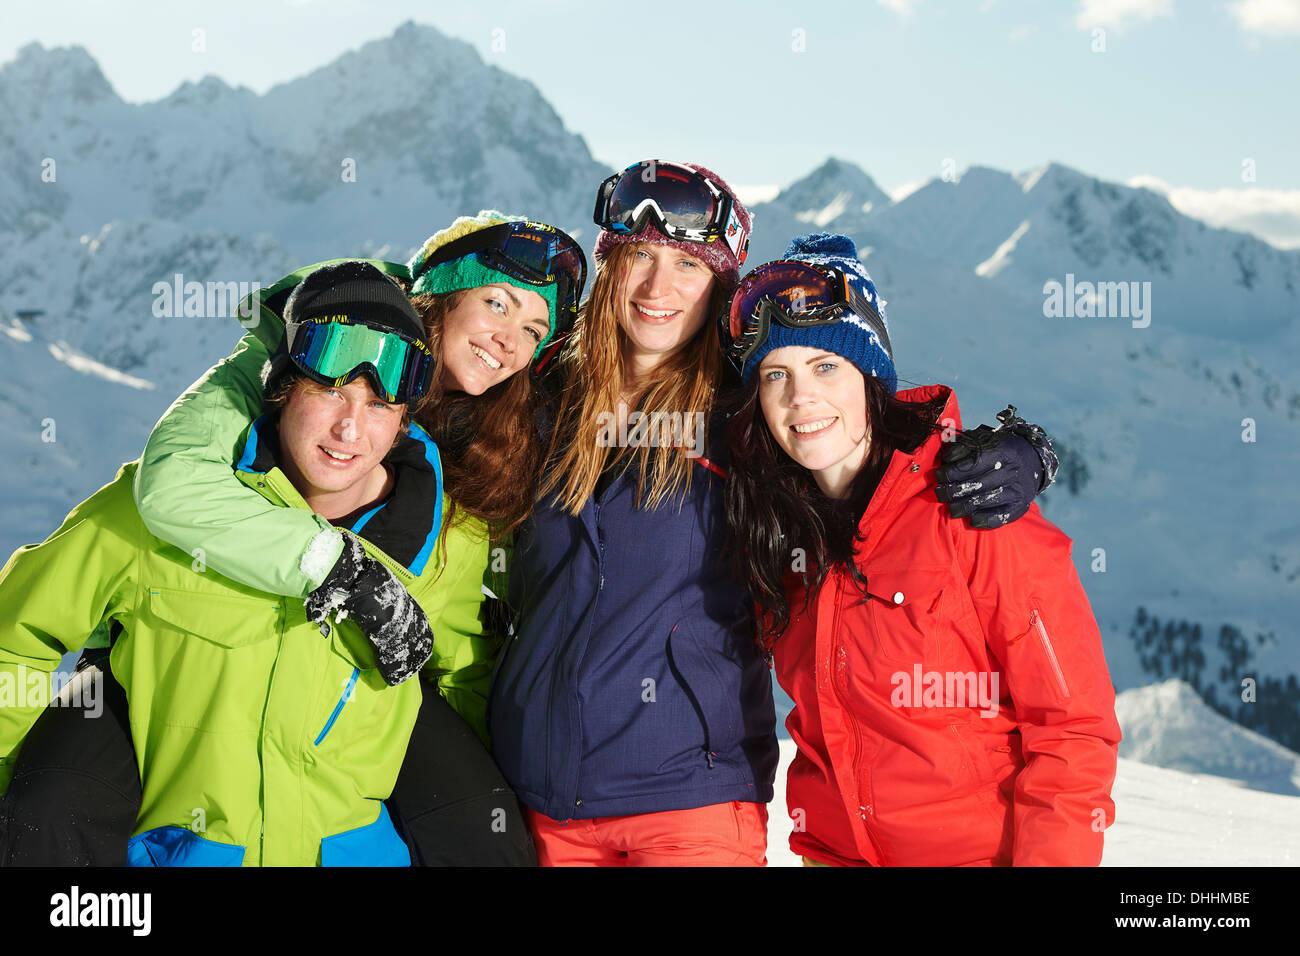 Gli amici con le braccia attorno ad ogni altro, Kuhtai, Austria Immagini Stock